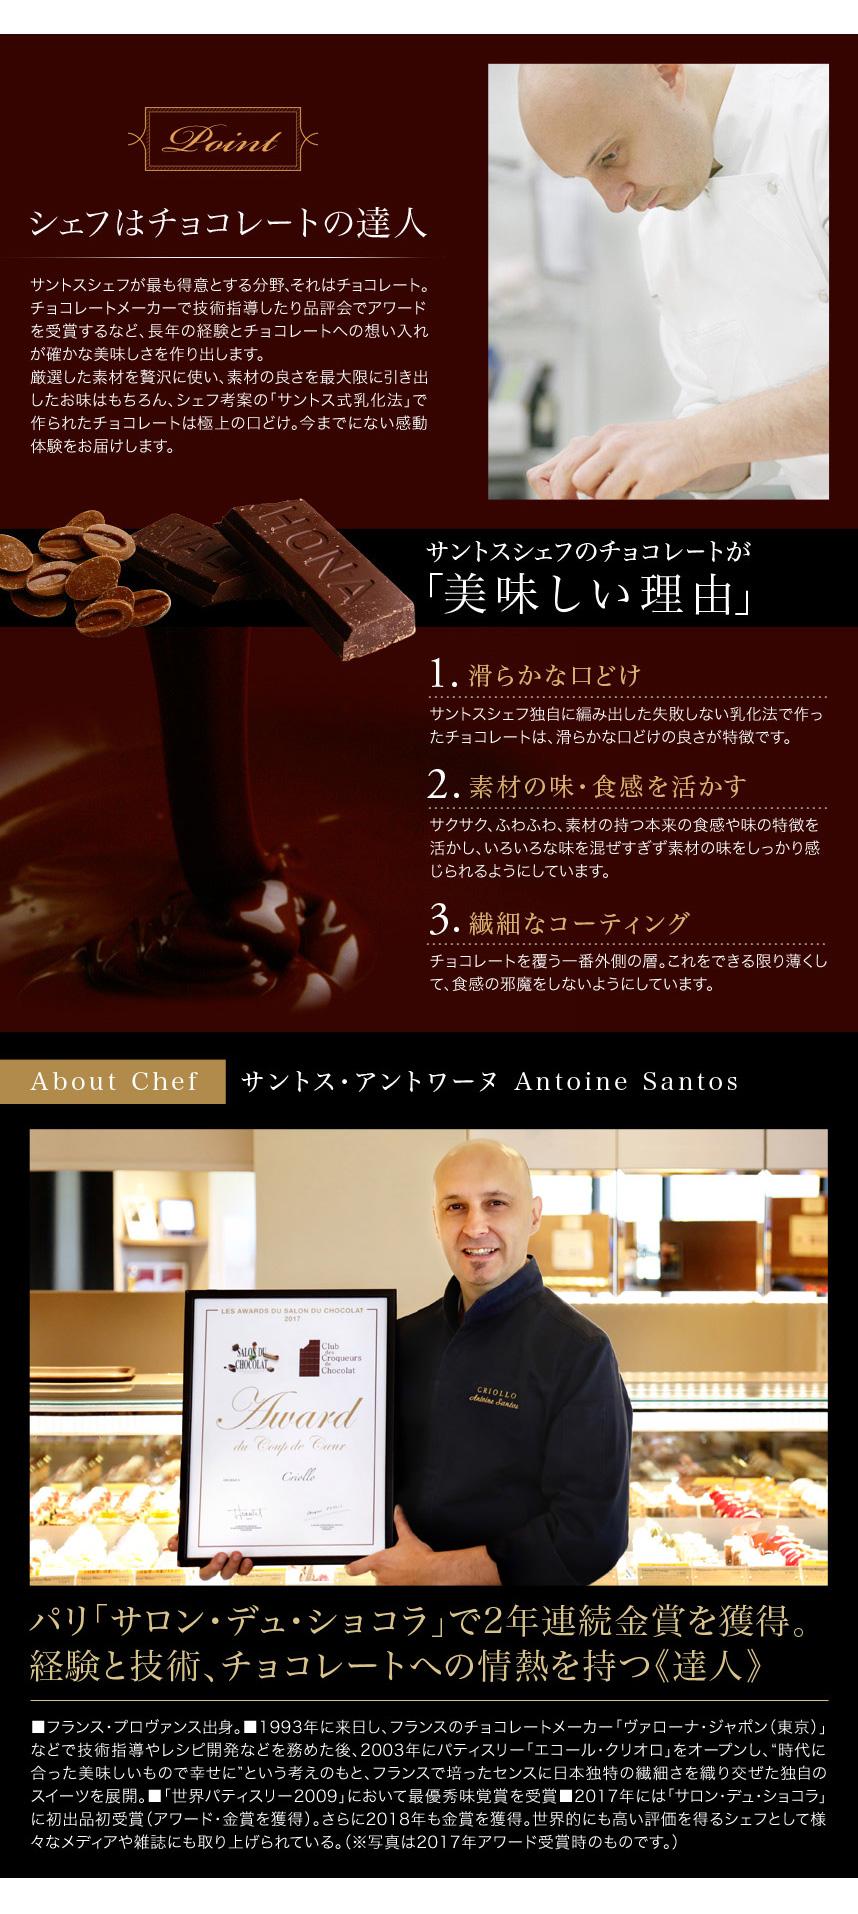 シェフはチョコレートの達人